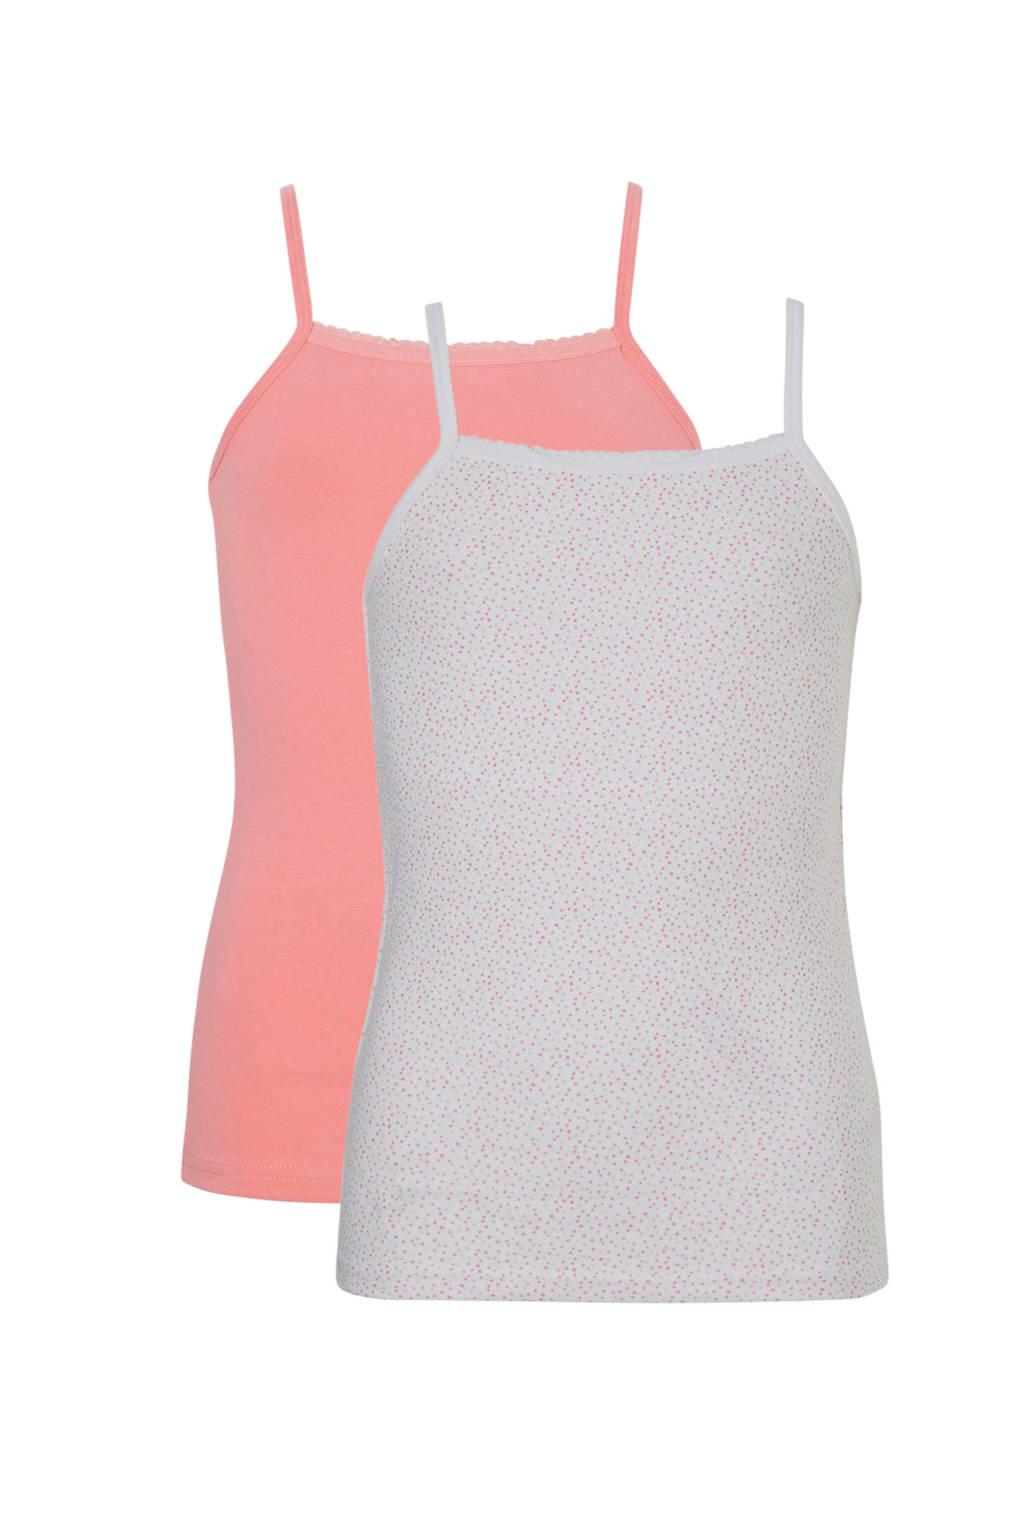 name it hemd - set van 2, Roze/wit